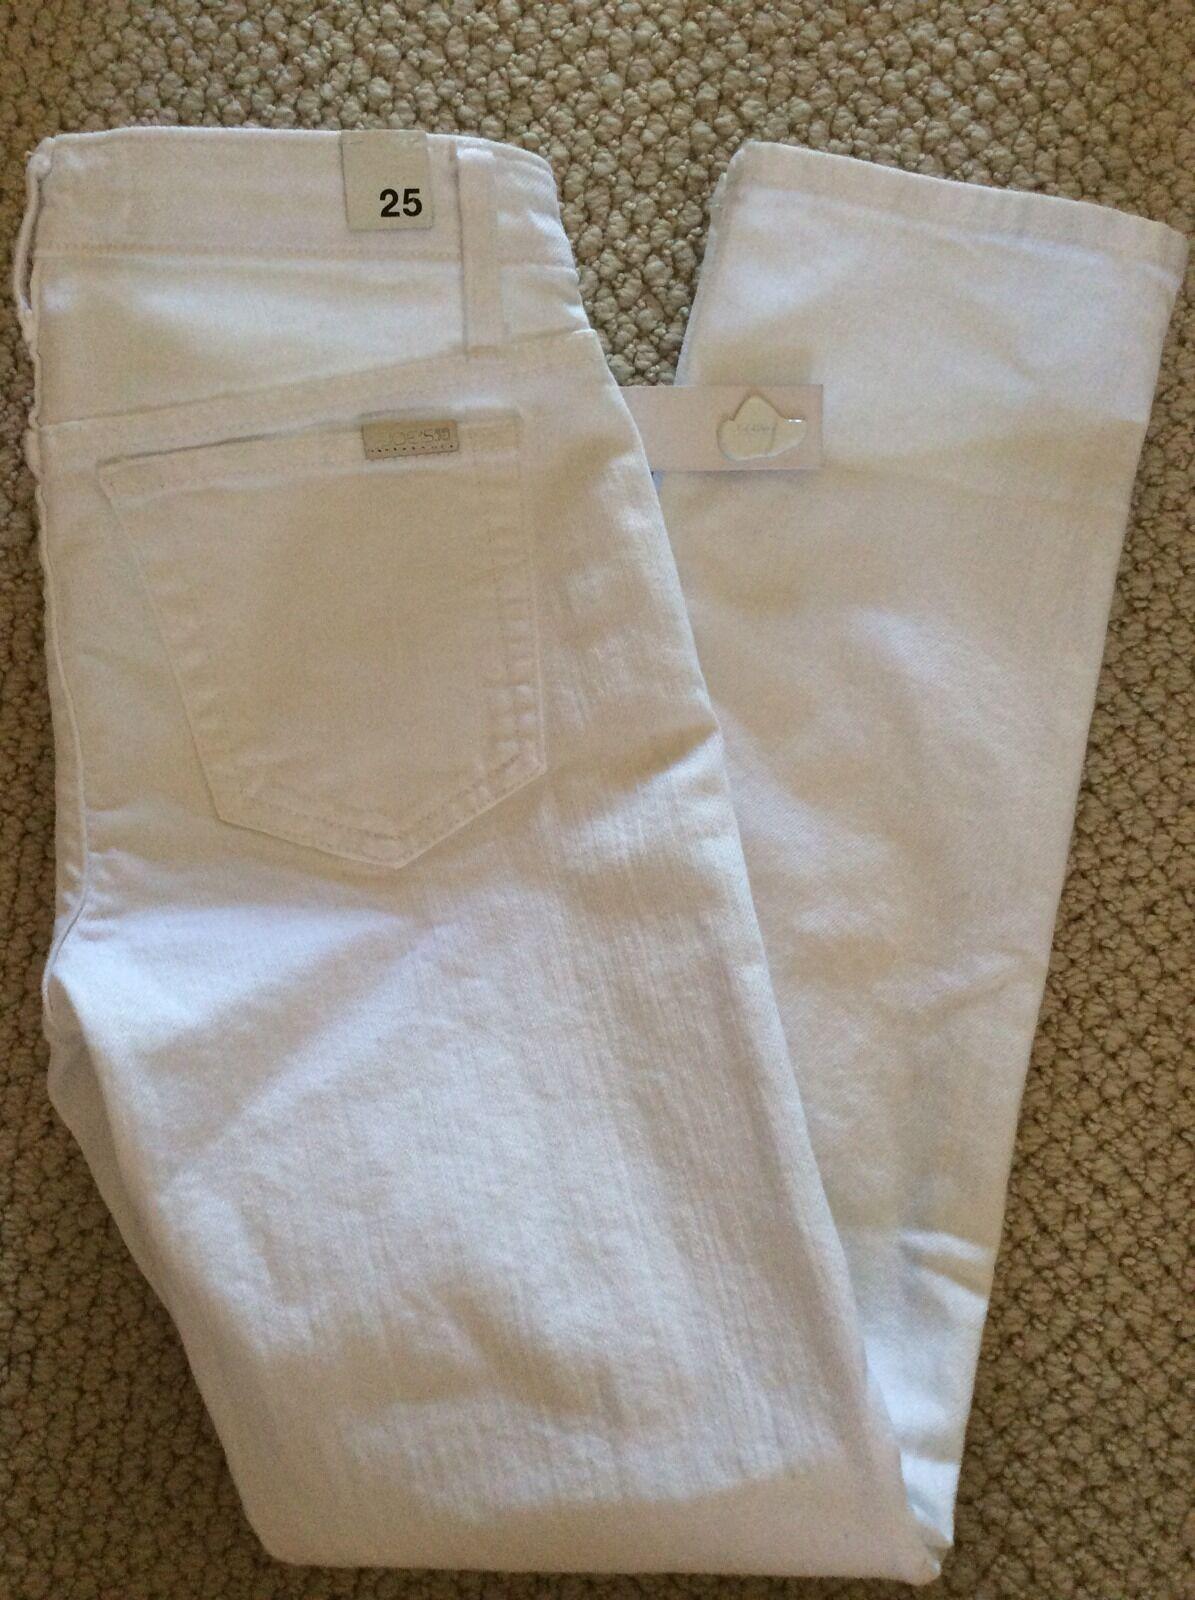 NWT  Joe's Jeans 'Bonnie' White Stretch Straight Ankle Crop Denim Sz 25